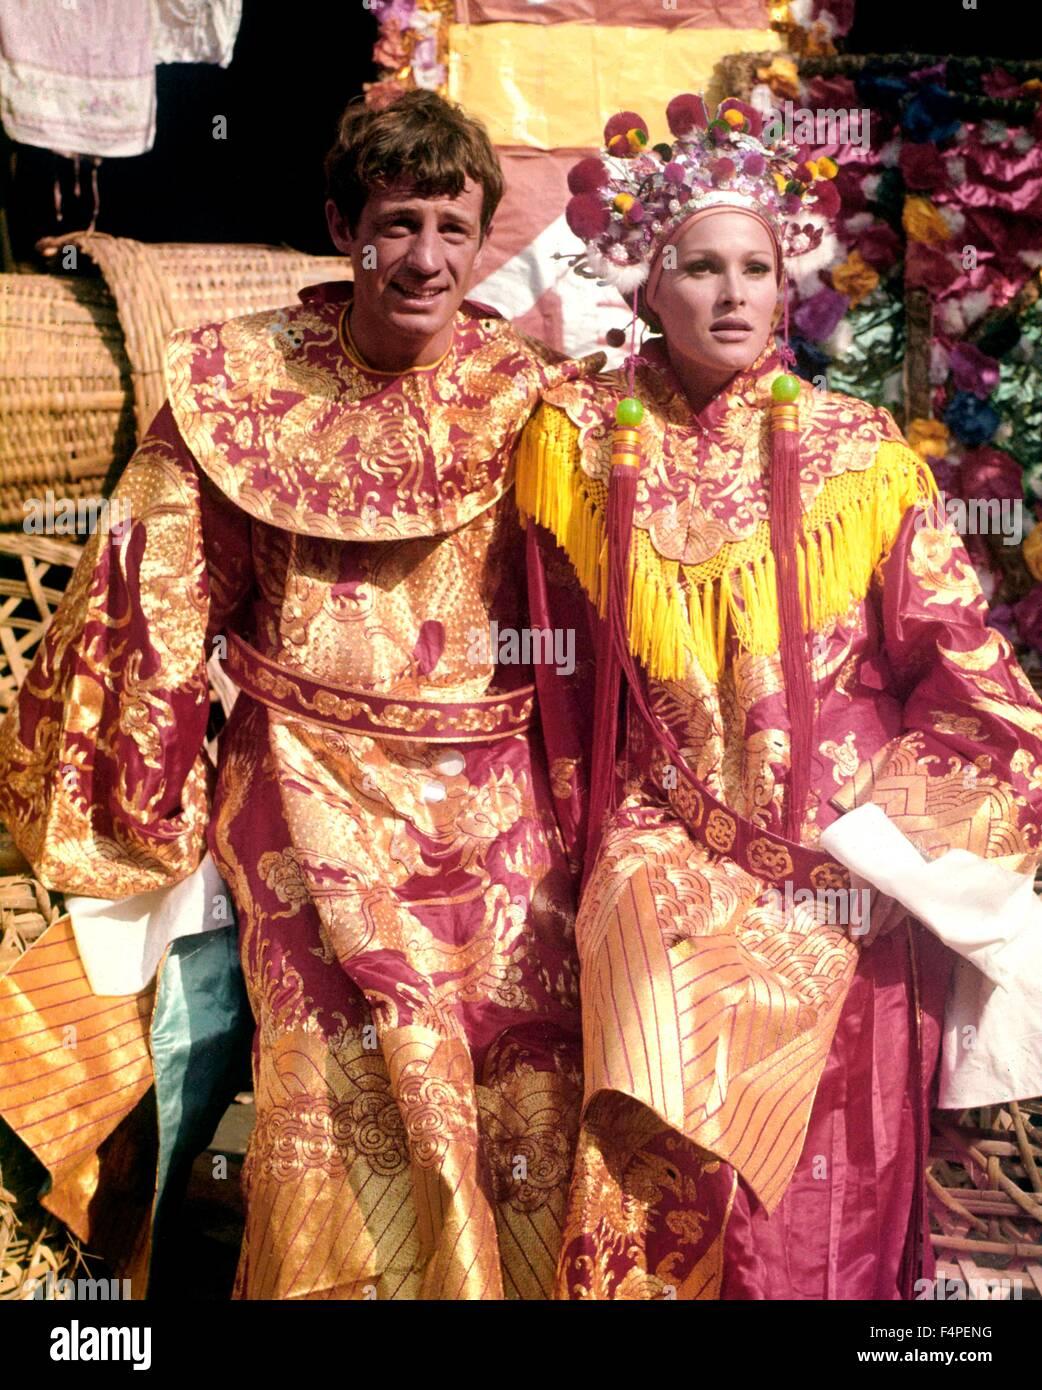 Jean-Paul Belmondo e Ursula Andress / Les tribolazioni d'onu Chinois en Chine 1965 regia di Philippe de Broca Immagini Stock